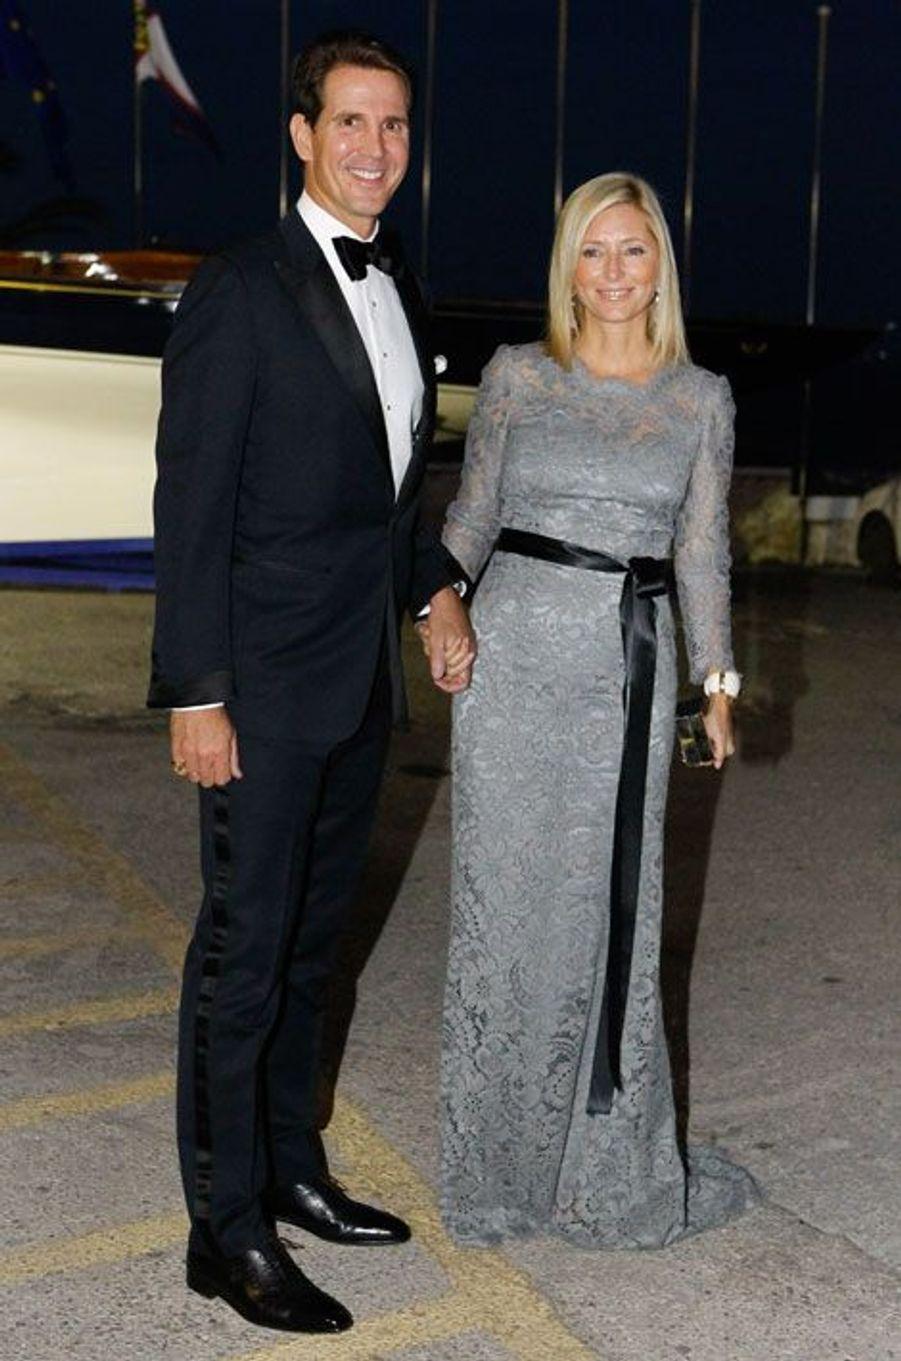 Le prince Pavlos de Grèce et la princesse Marie-Chantal de Grèce, assistent aux noces d'or du roi de Grèce Constantin II et de la reine Anne-Mari...